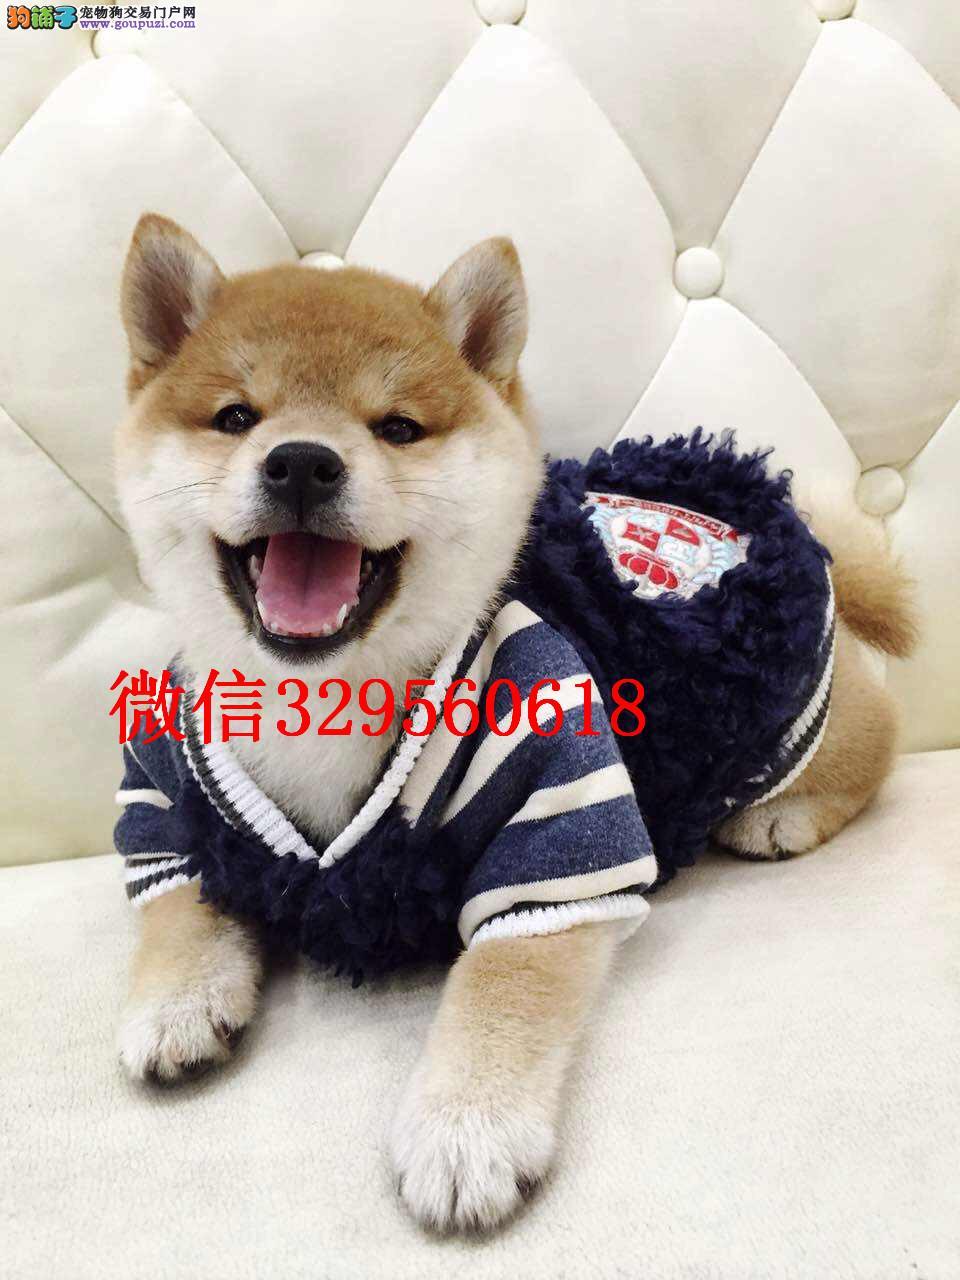 大连哪里卖柴犬 日本柴犬出售 柴犬多少钱一只